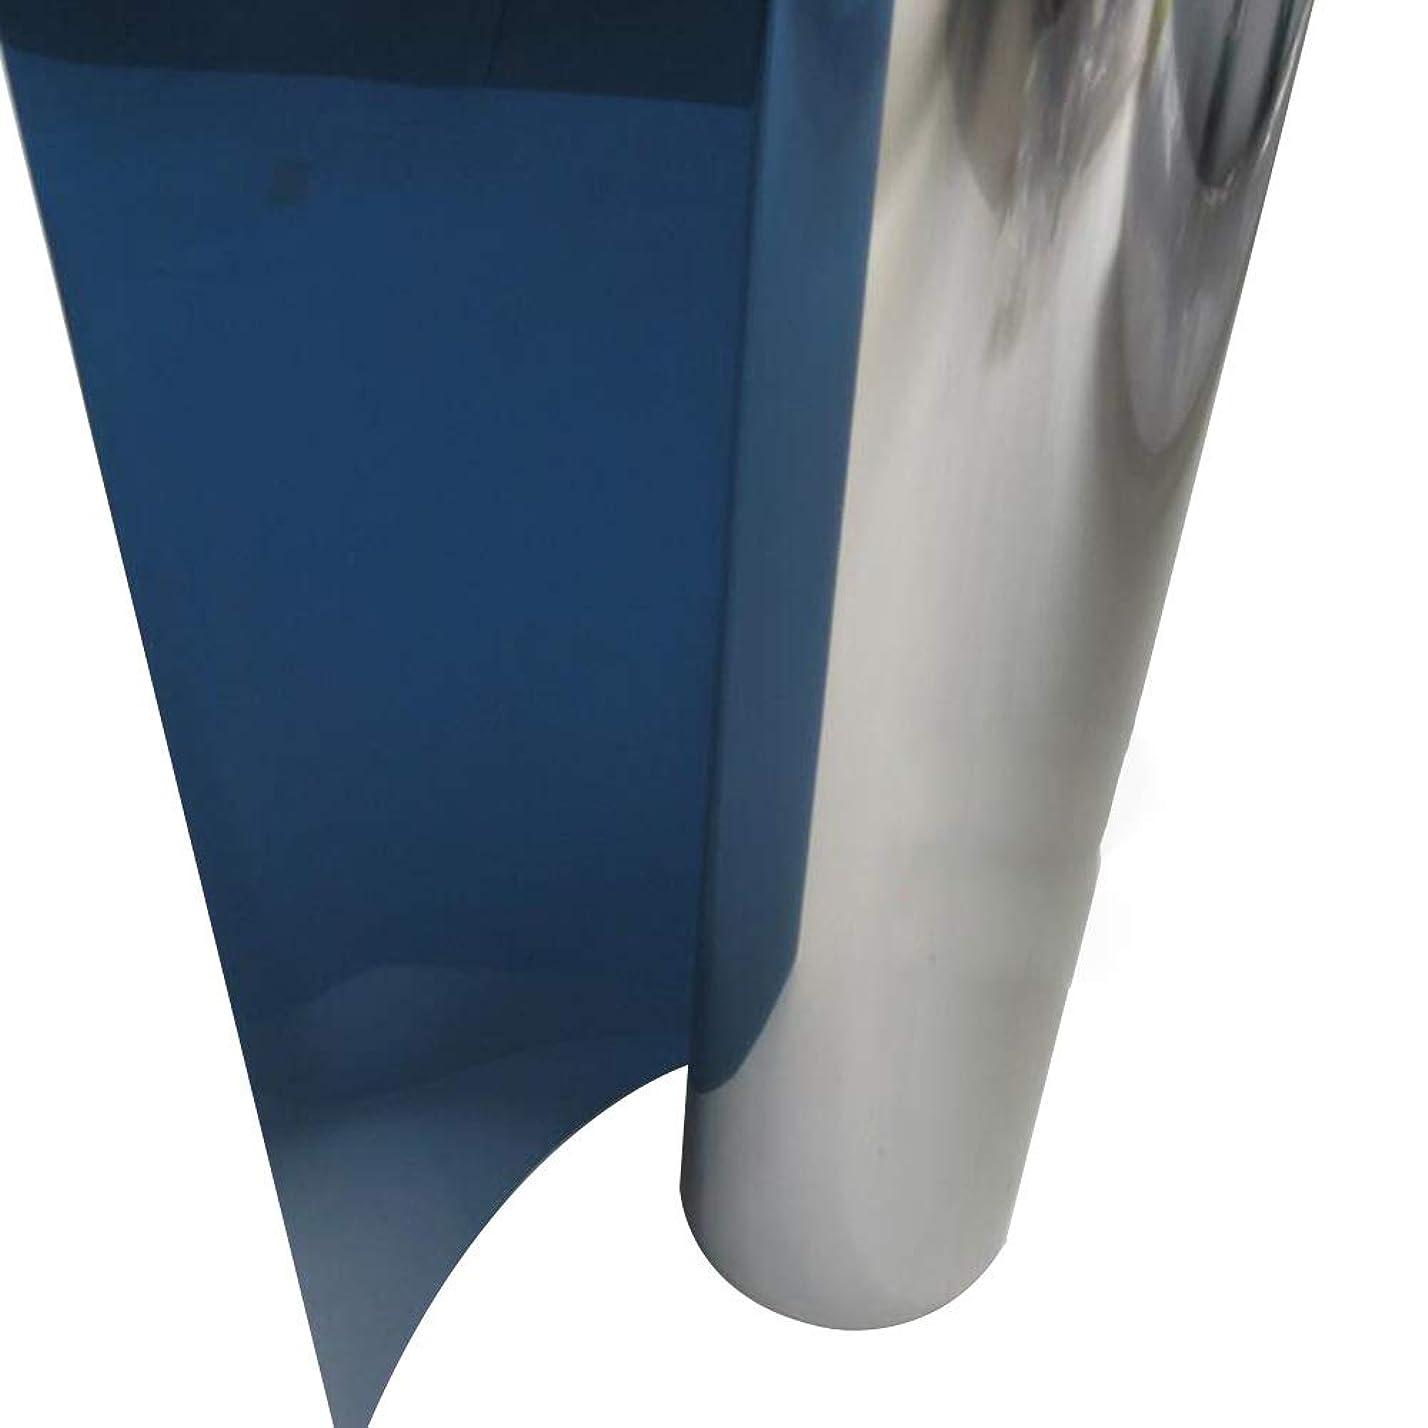 視聴者リビングルーム同性愛者OUPAI 窓フィルム 一方向ウィンドウフィルム、反紫外線熱制御反射ガラスの色合い昼間のプライバシーミラーフィルムホームやサンルームのために取り外し可能3個24インチ×3フィート ガラスフィルム (Size : 35inch × 3feet)